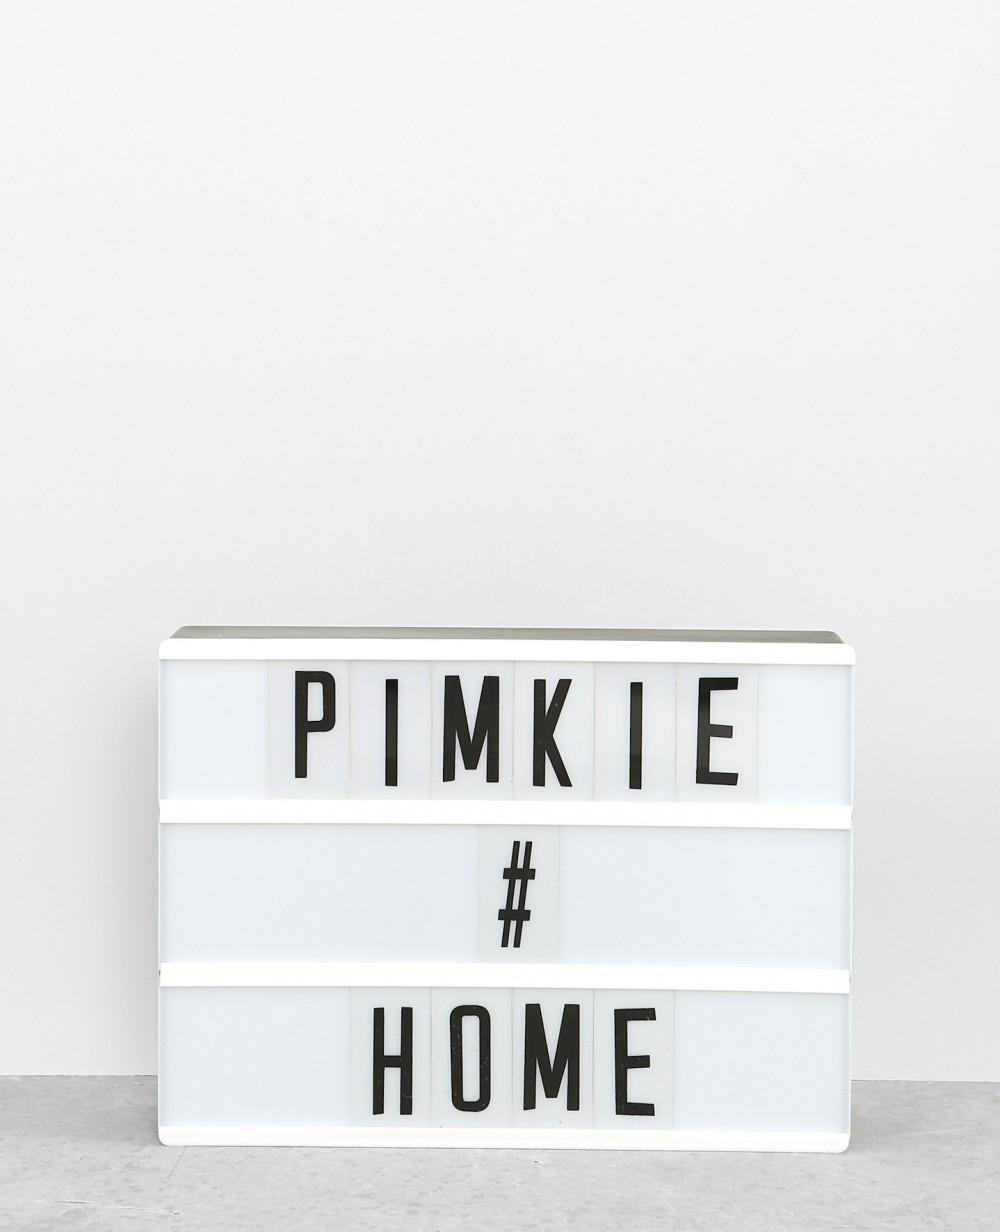 PIMKIE_2